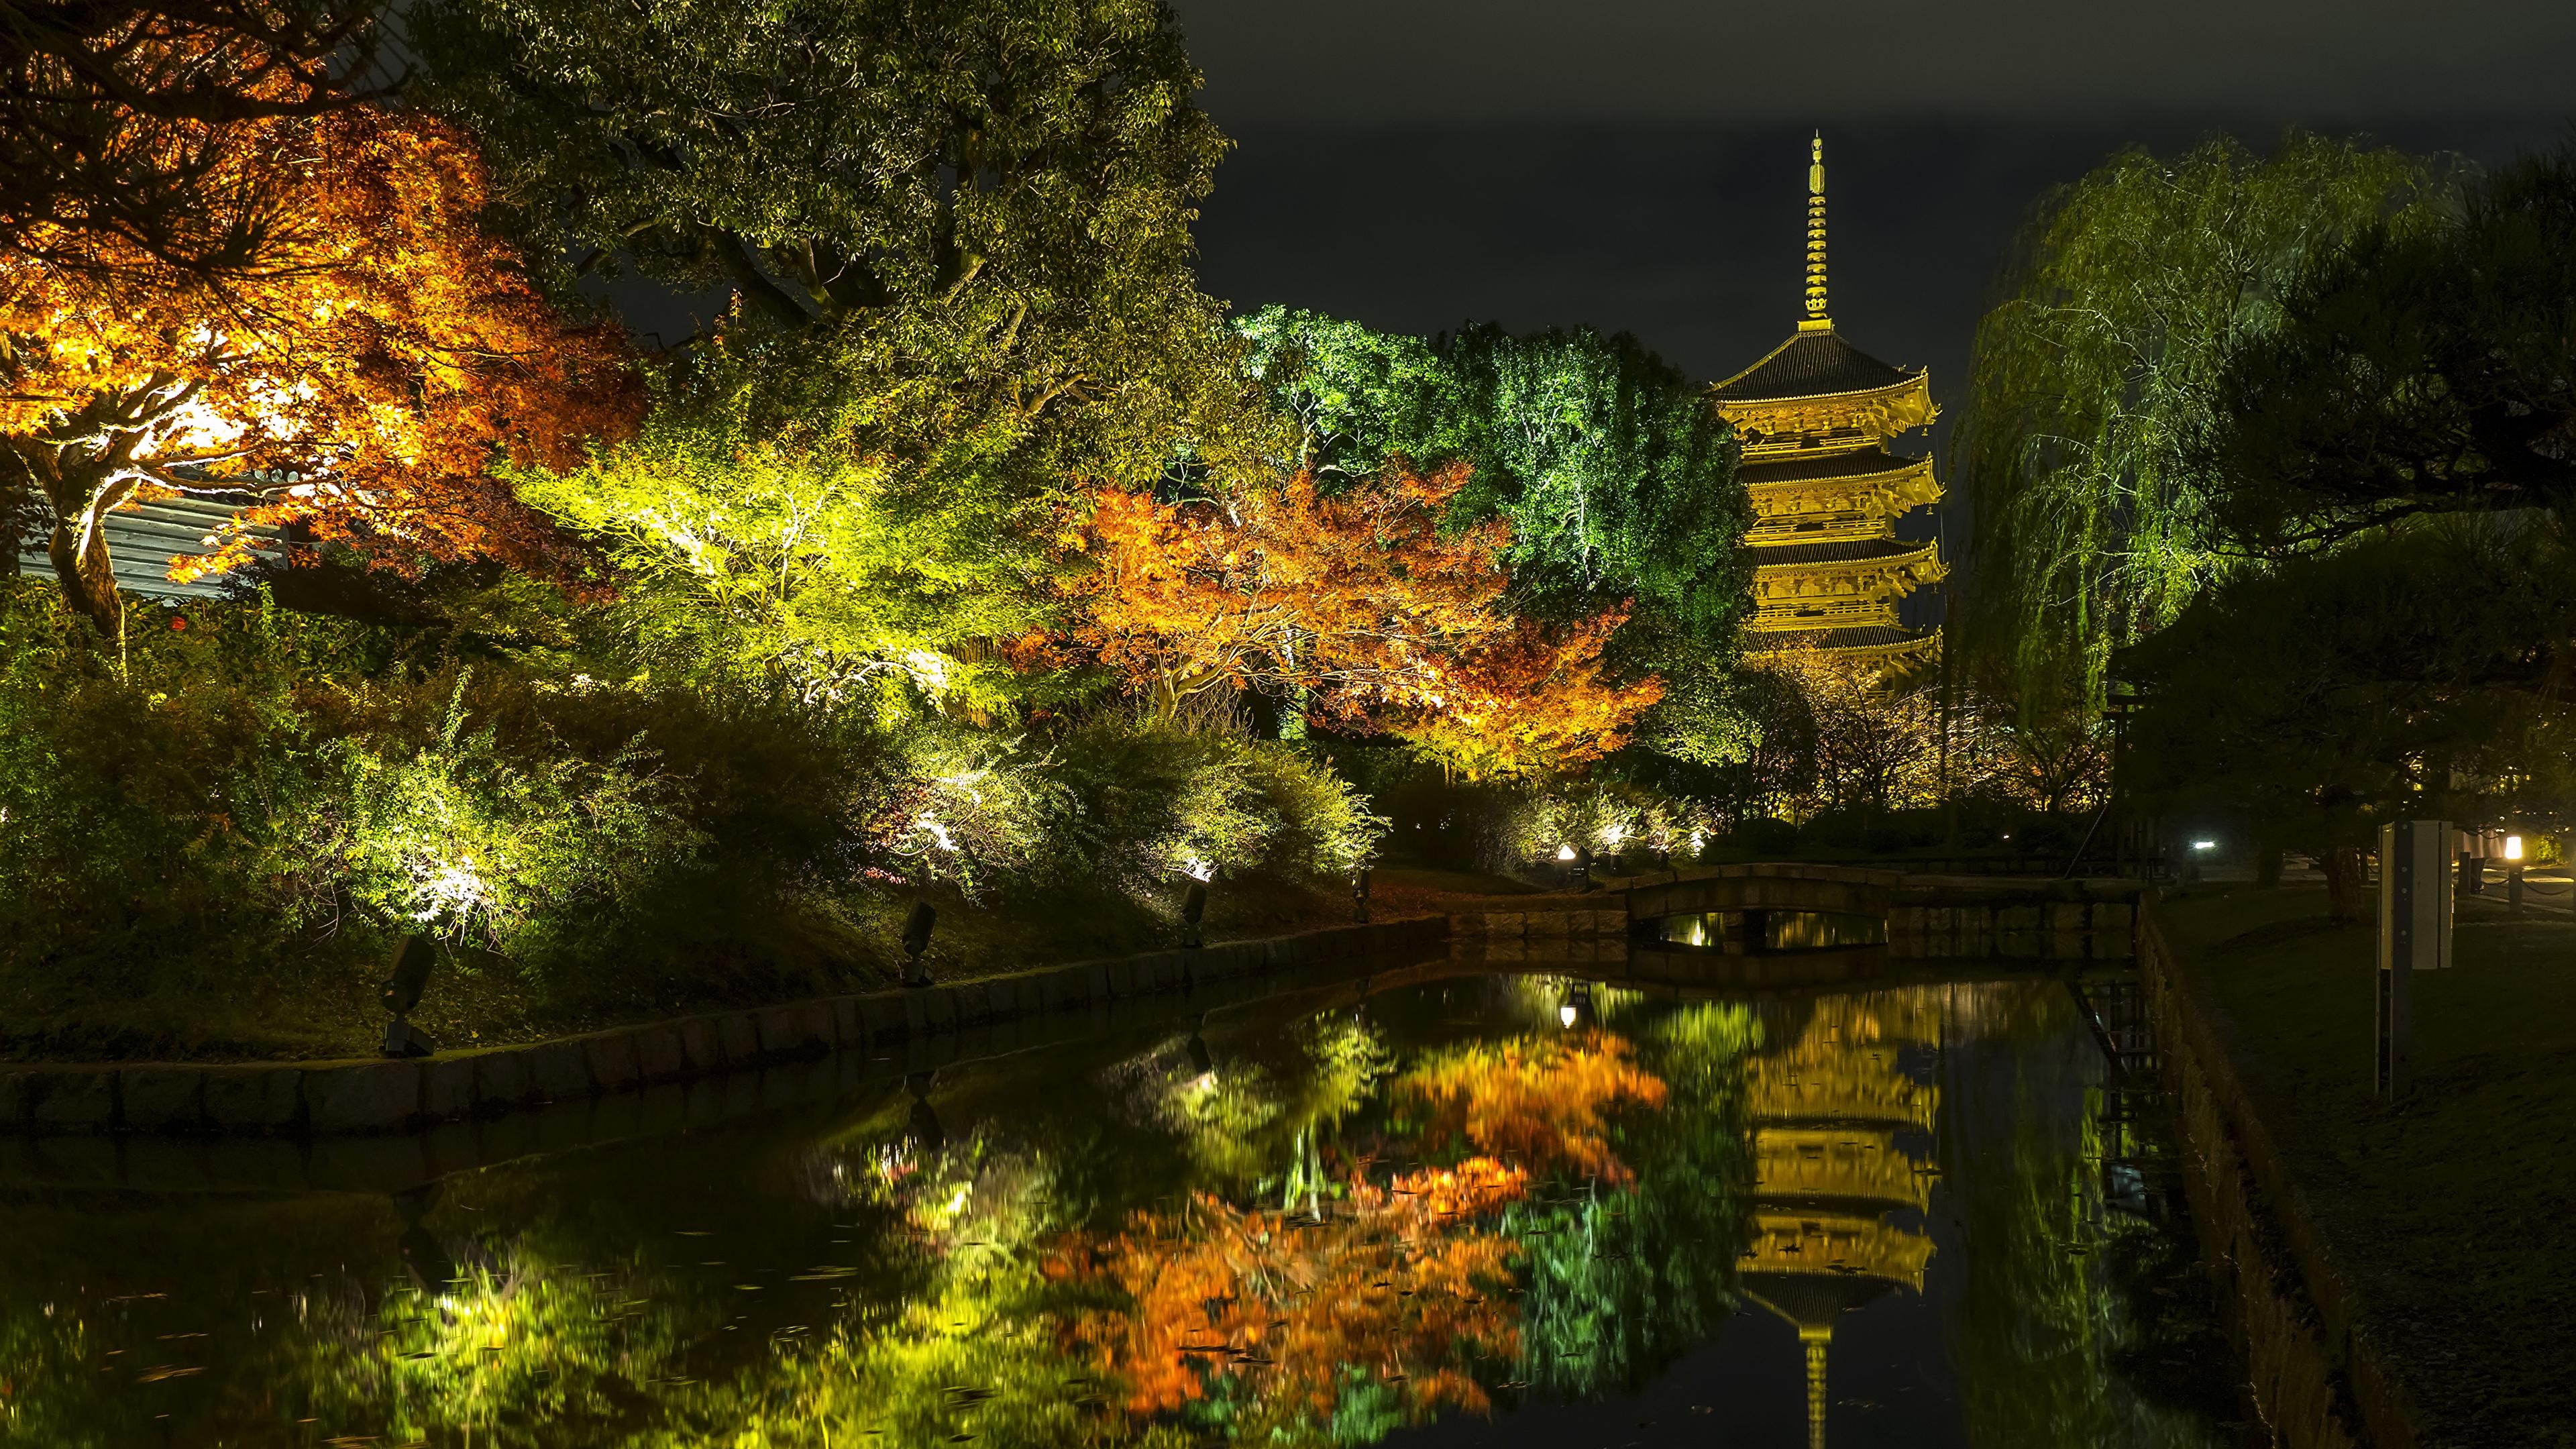 3840x2160、日本、京都市、秋、公園、池、木、夜、街灯、自然